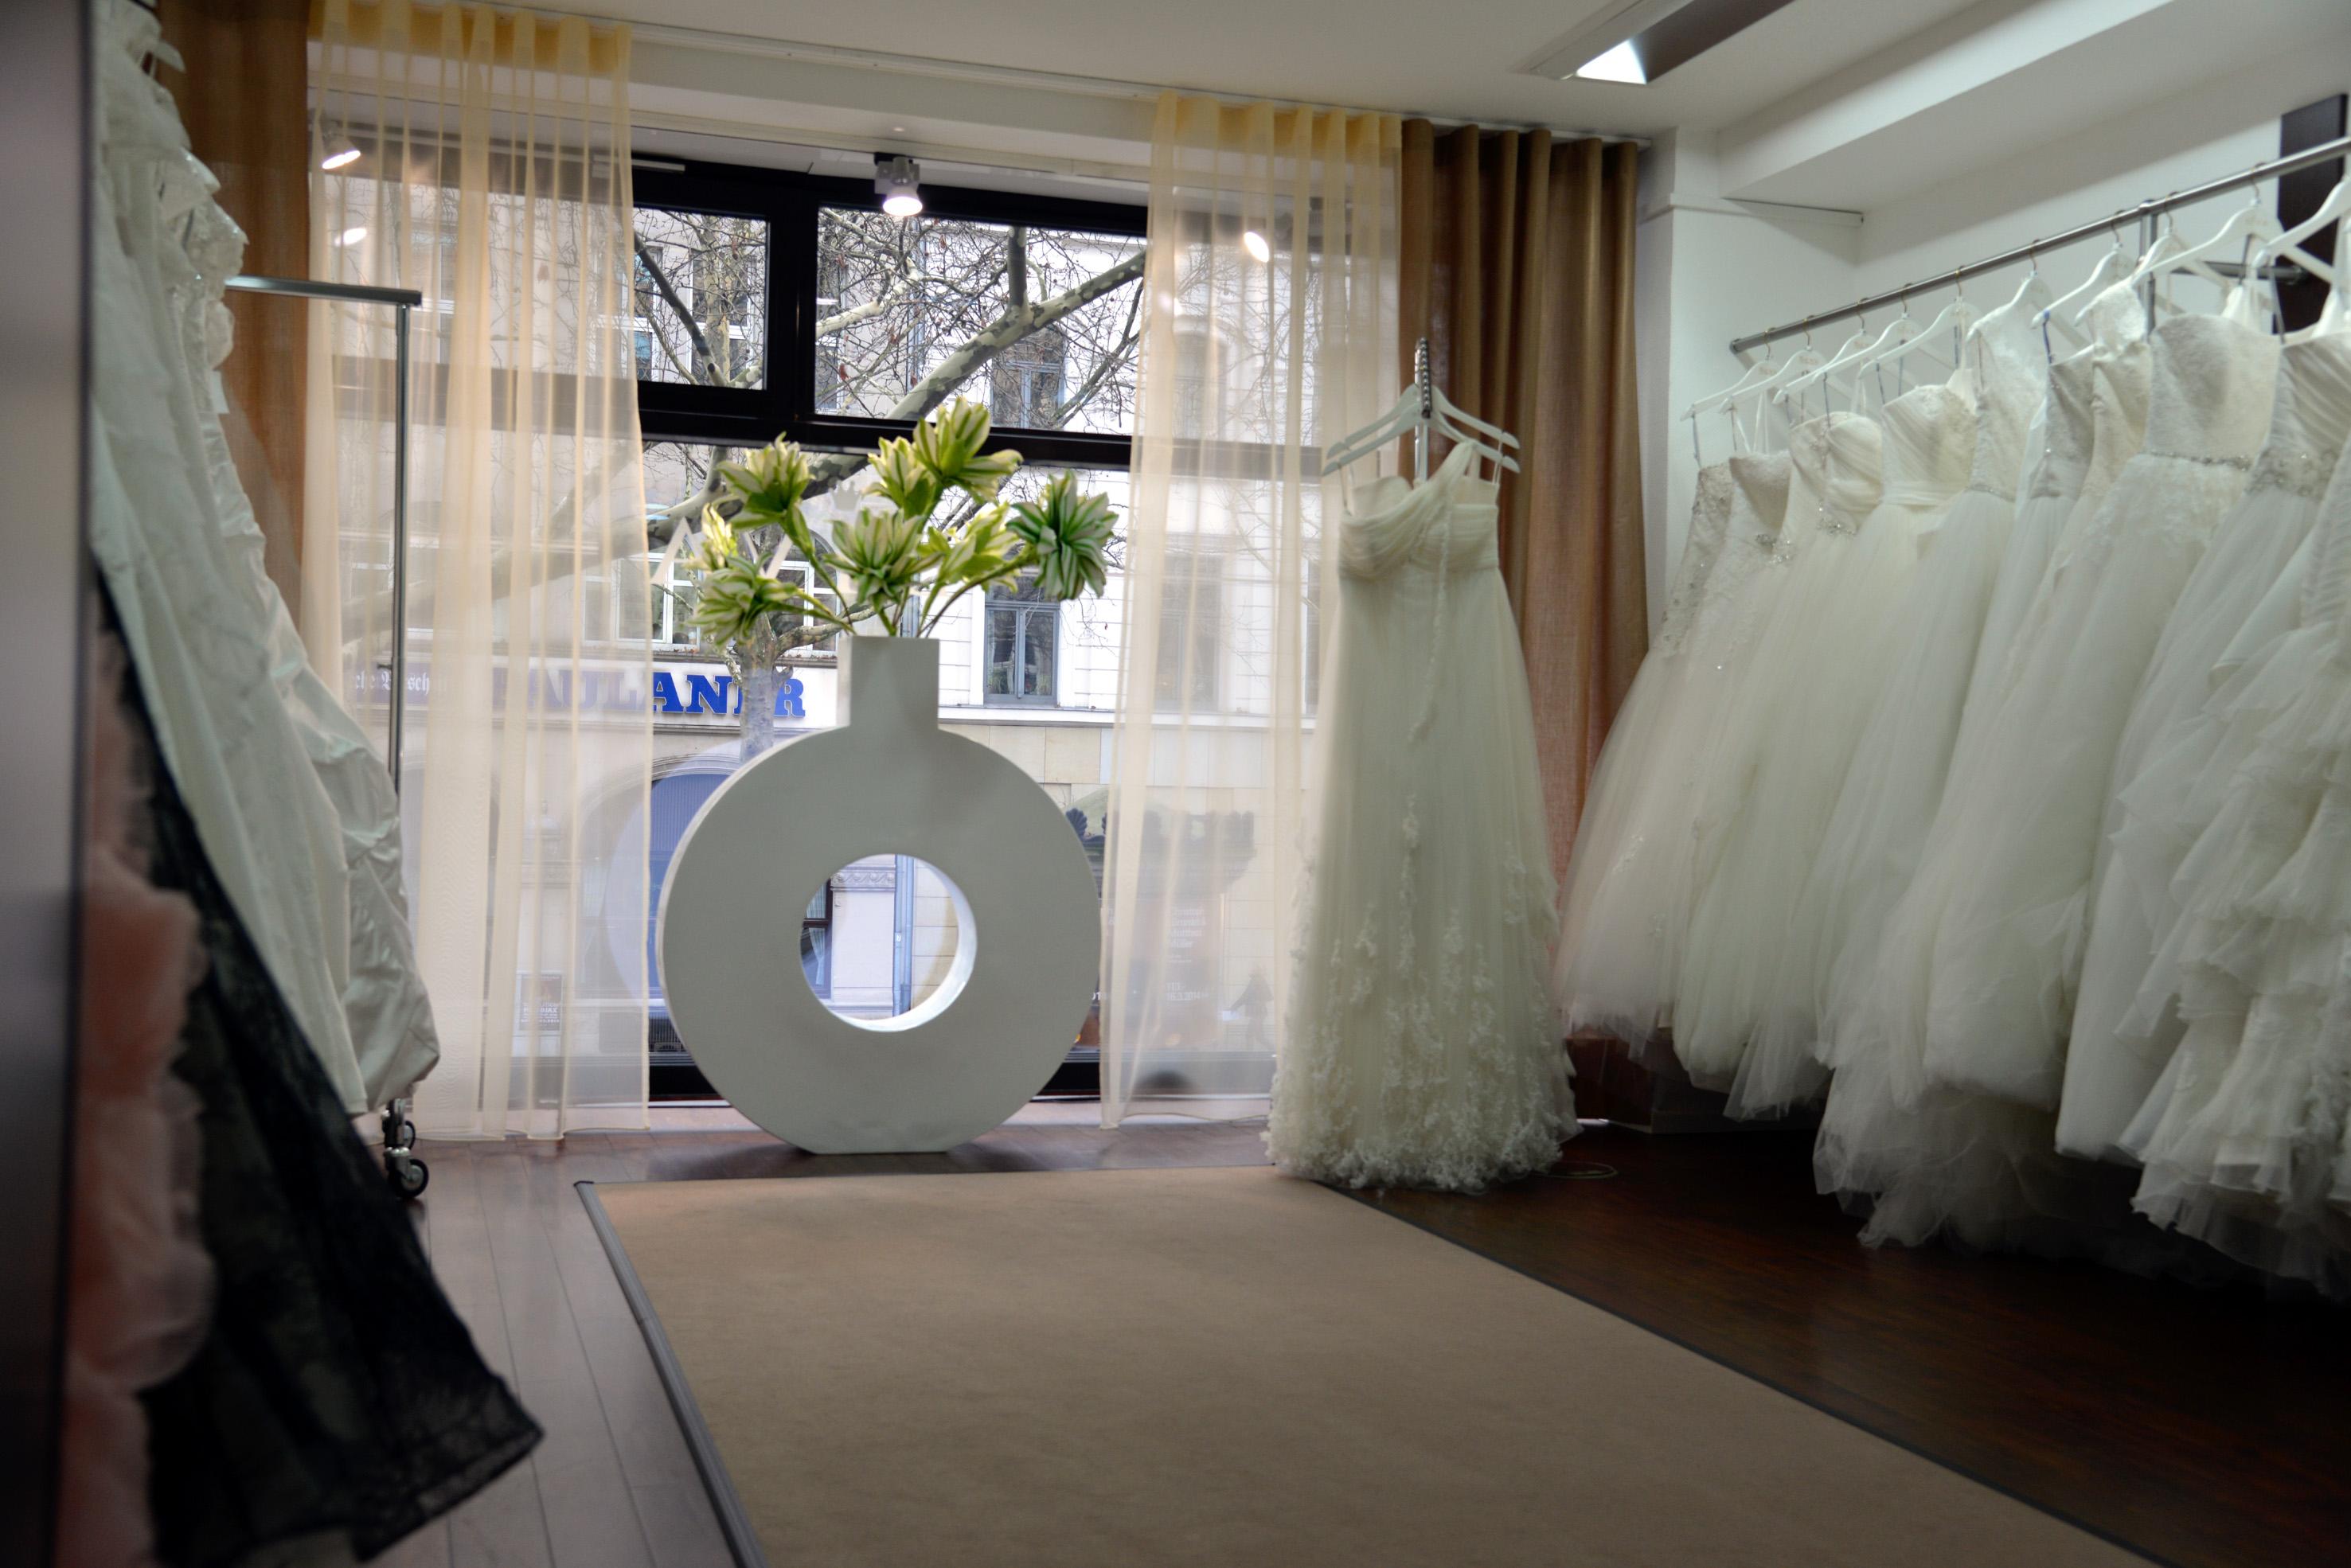 Diva Braut Und Festmoden 30159 Hannover Mitte Offnungszeiten